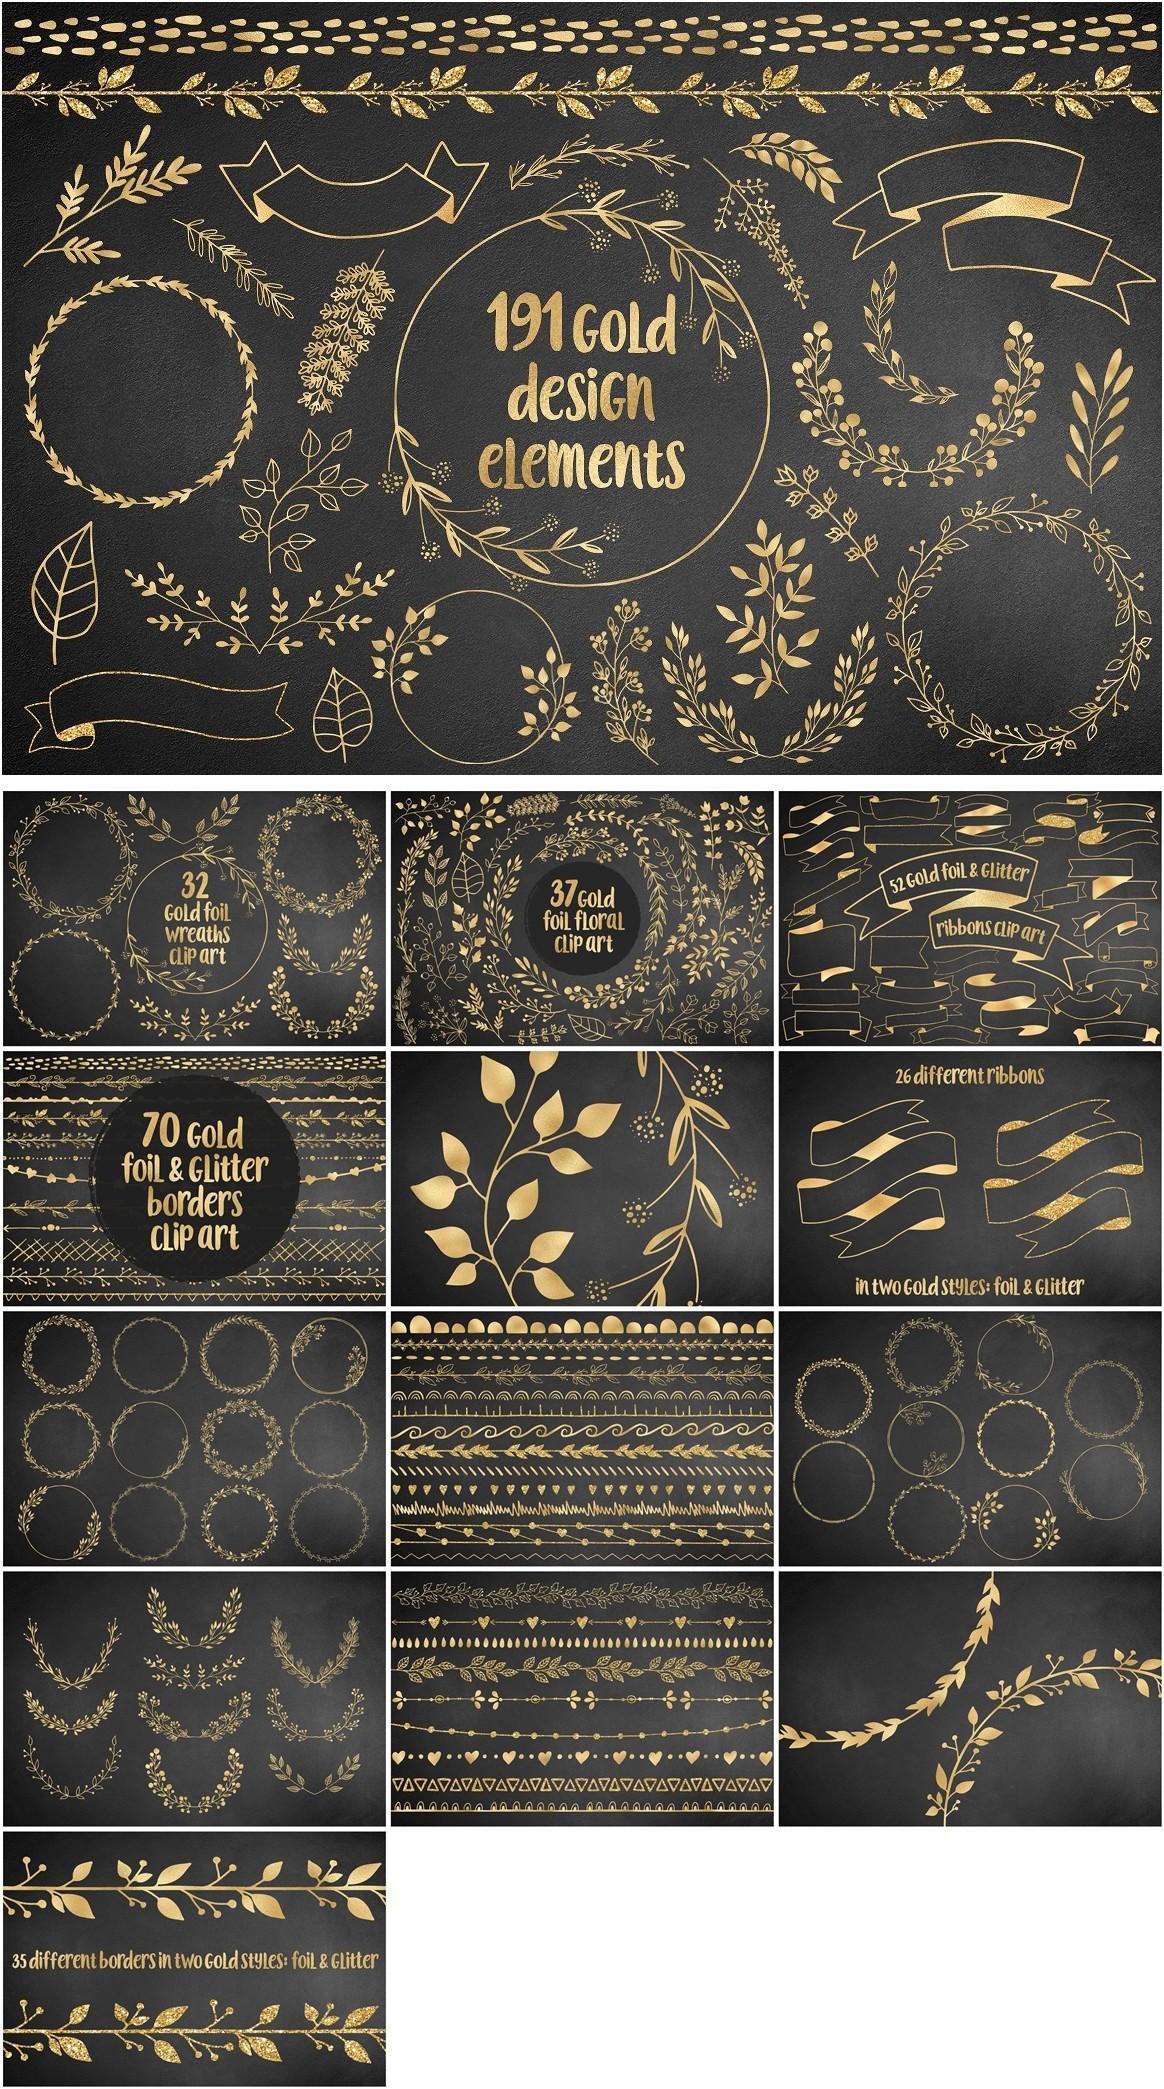 191 Altın Tasarım elementleri